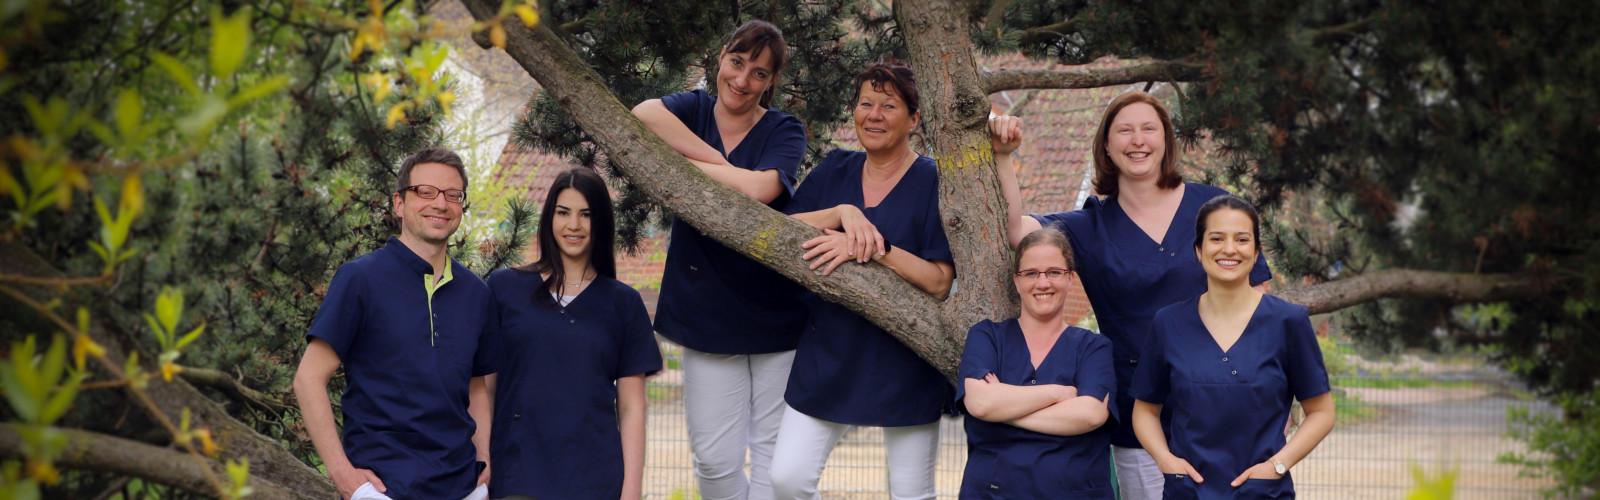 Praxisteam der Zahnarztpraxis in Barsinghausen